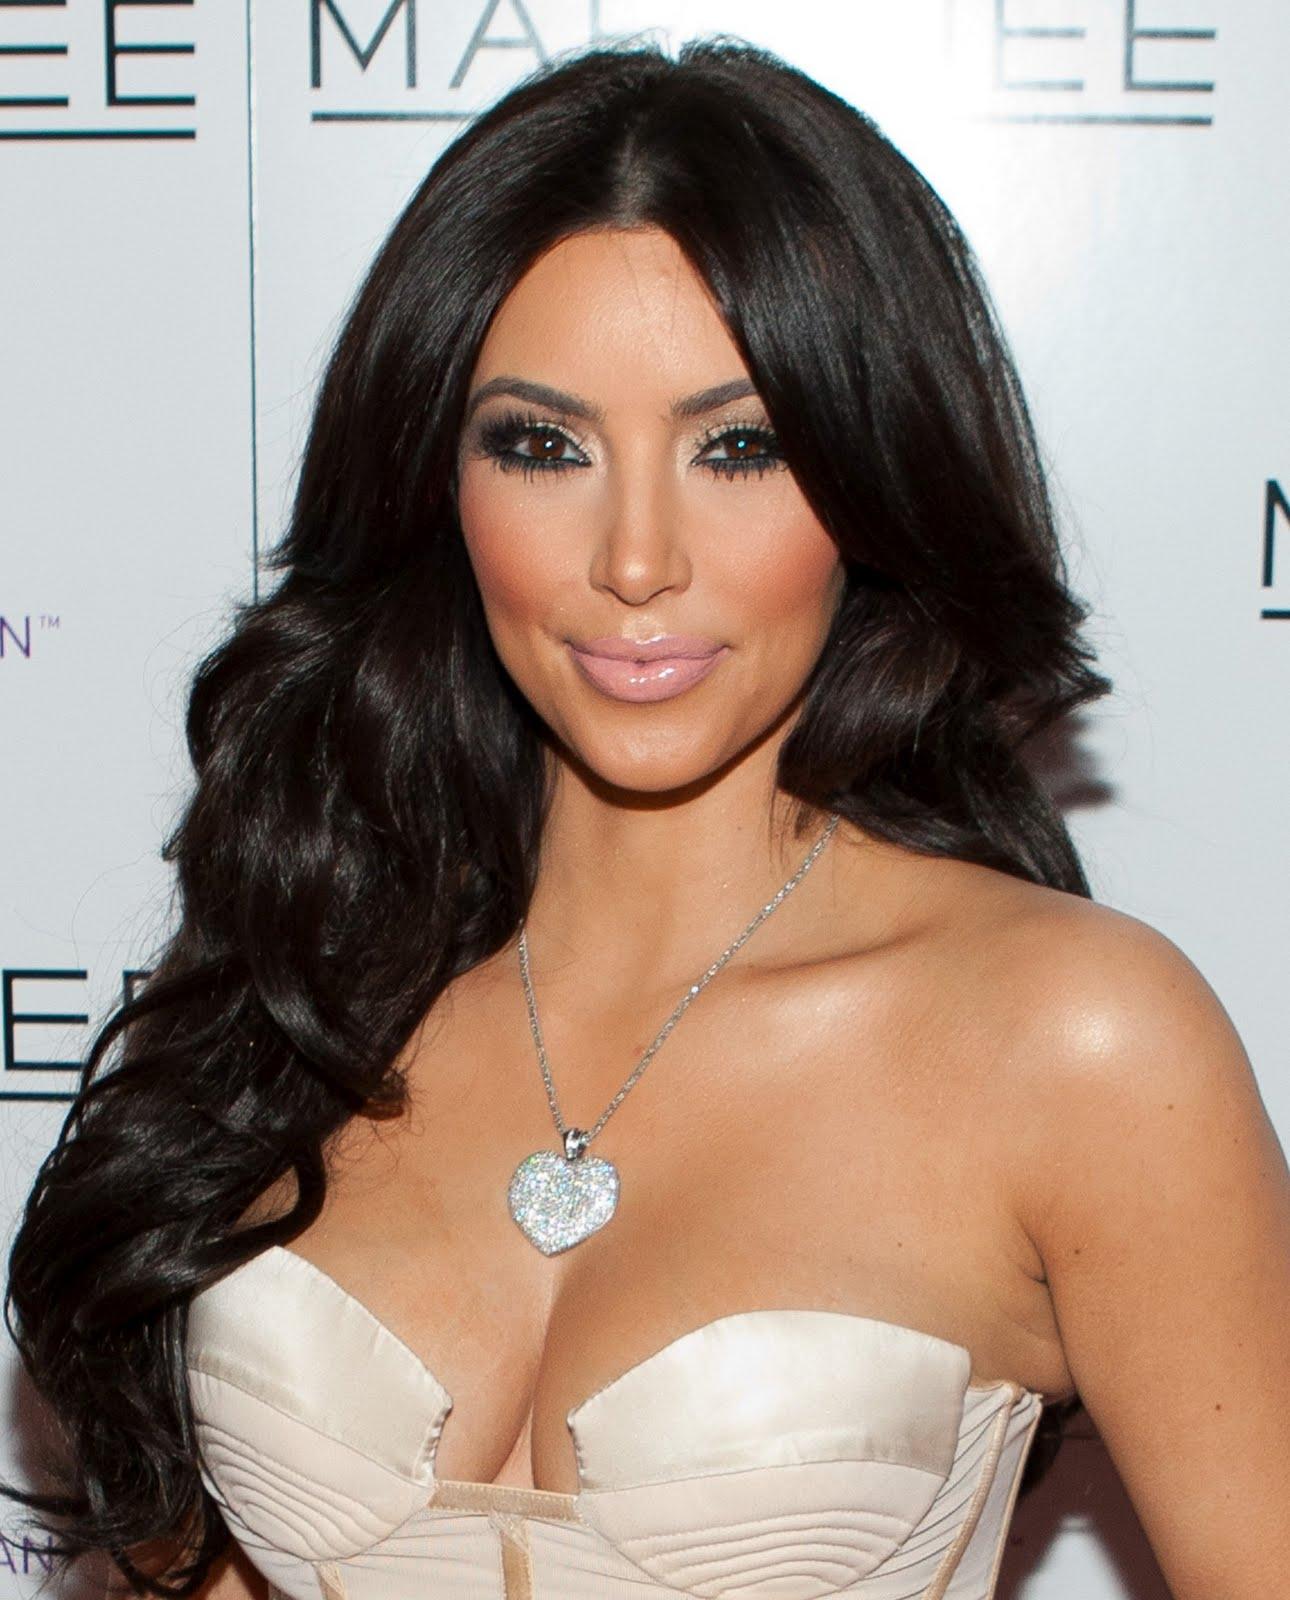 http://4.bp.blogspot.com/-bKtTVmudMJw/TWPsMA3-UaI/AAAAAAAABxM/r3aajExbu9o/s1600/Kim-Kardashian-20.jpg